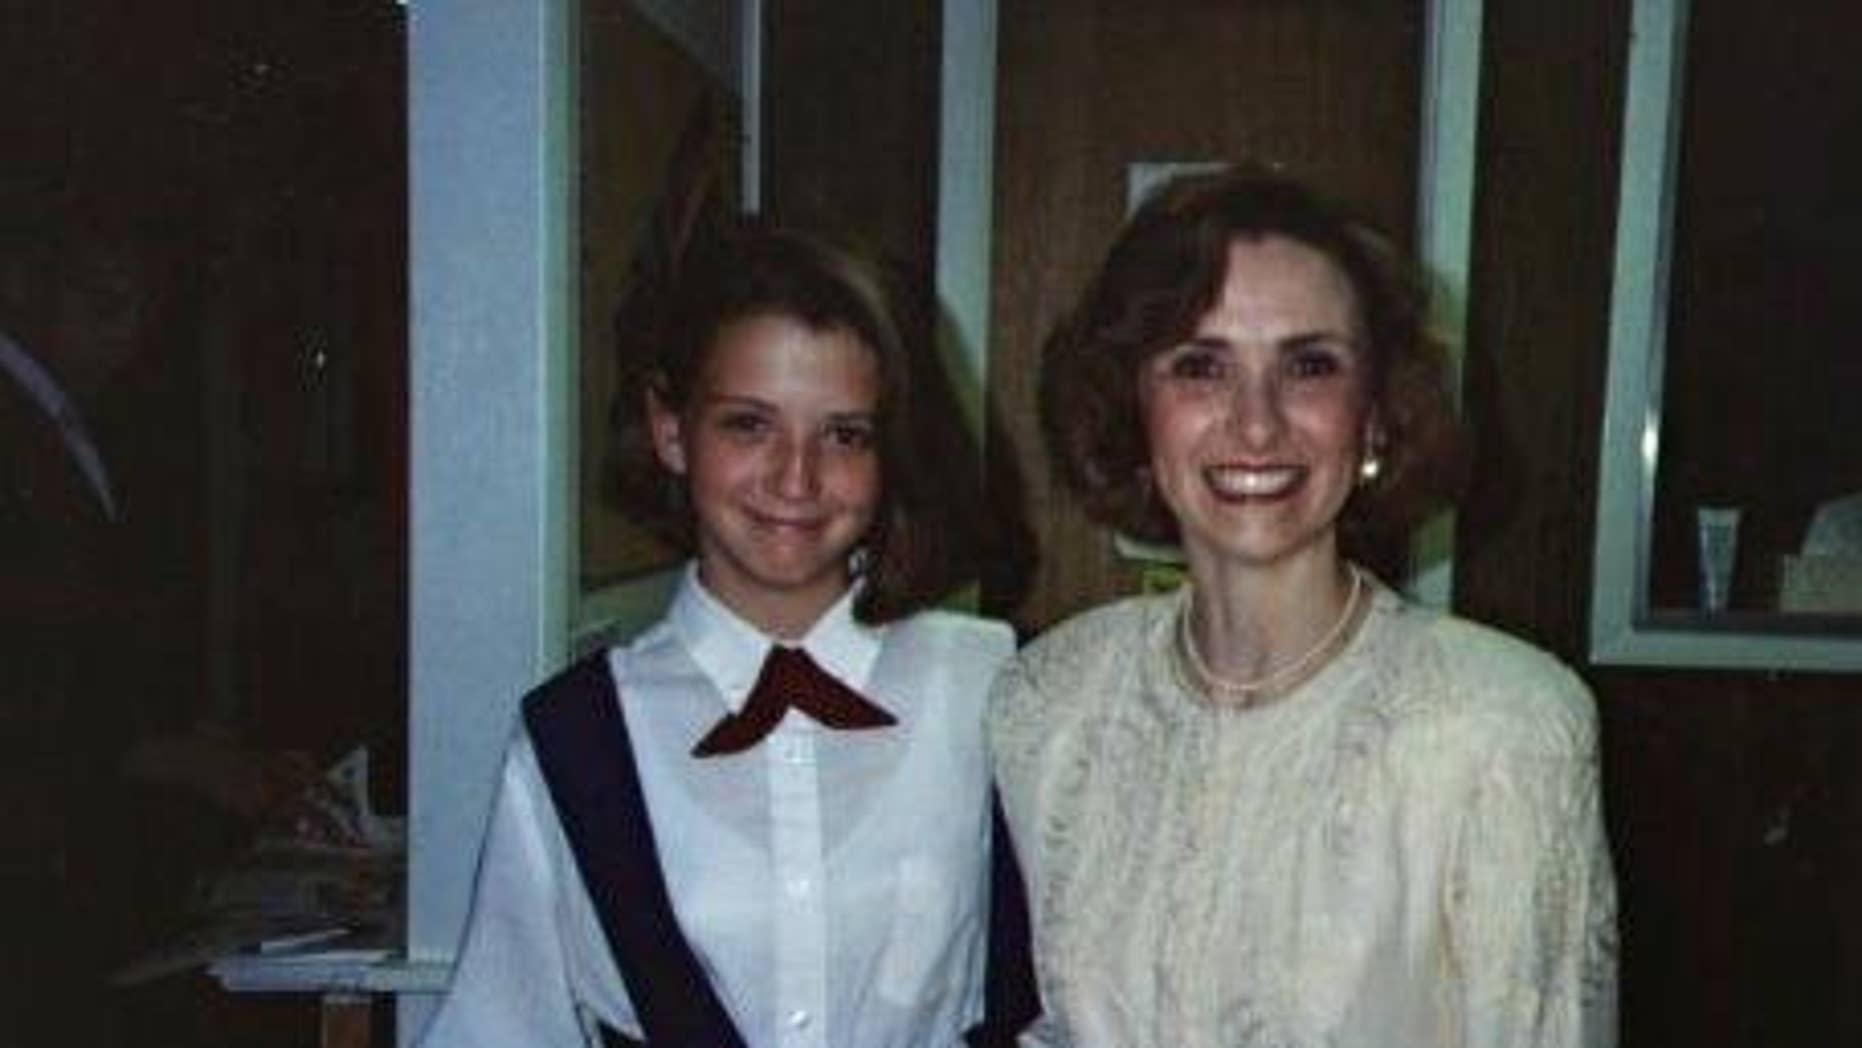 Beth Nimmo and her daughter Rachel.